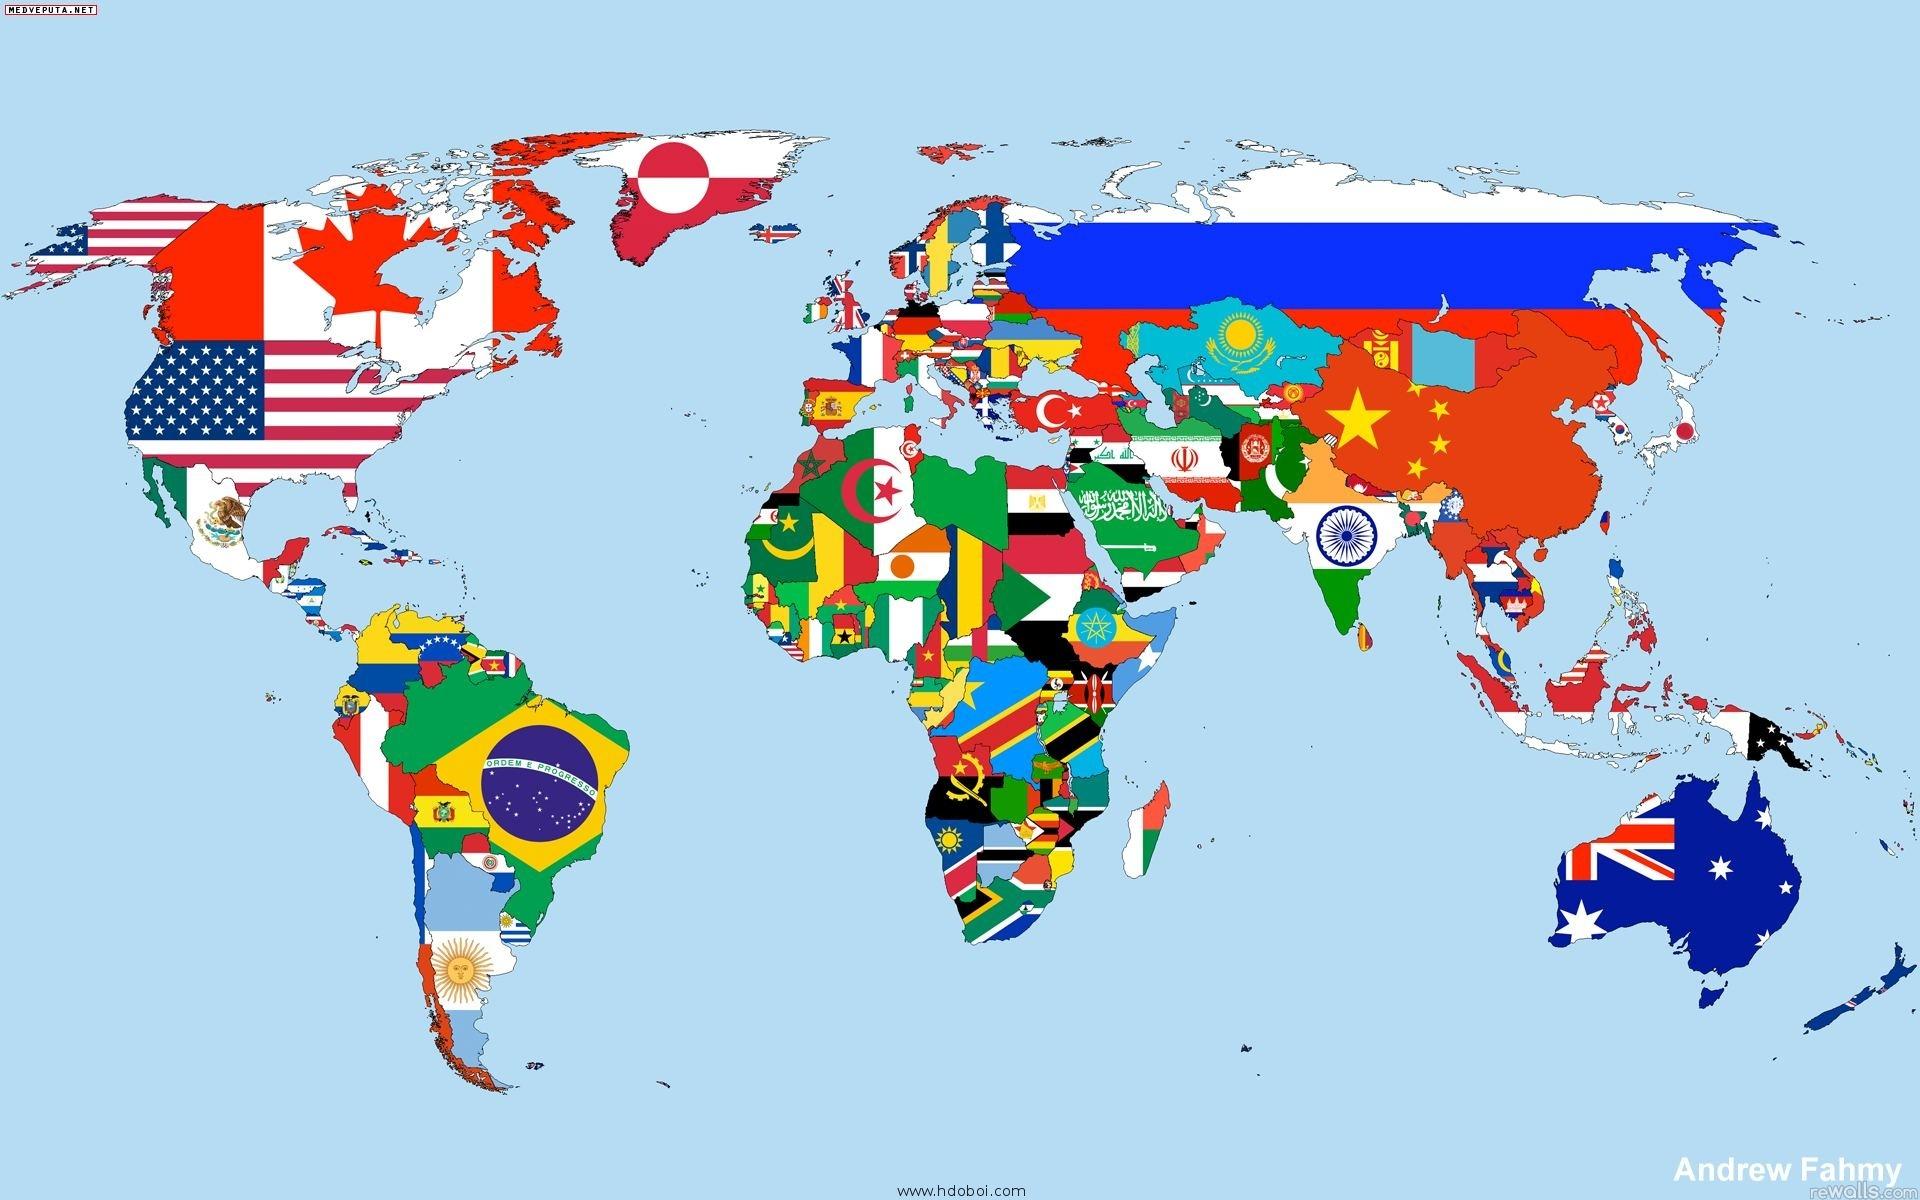 بالصور كم عدد دول العالم , تعرف على اعداد دول العالم 2848